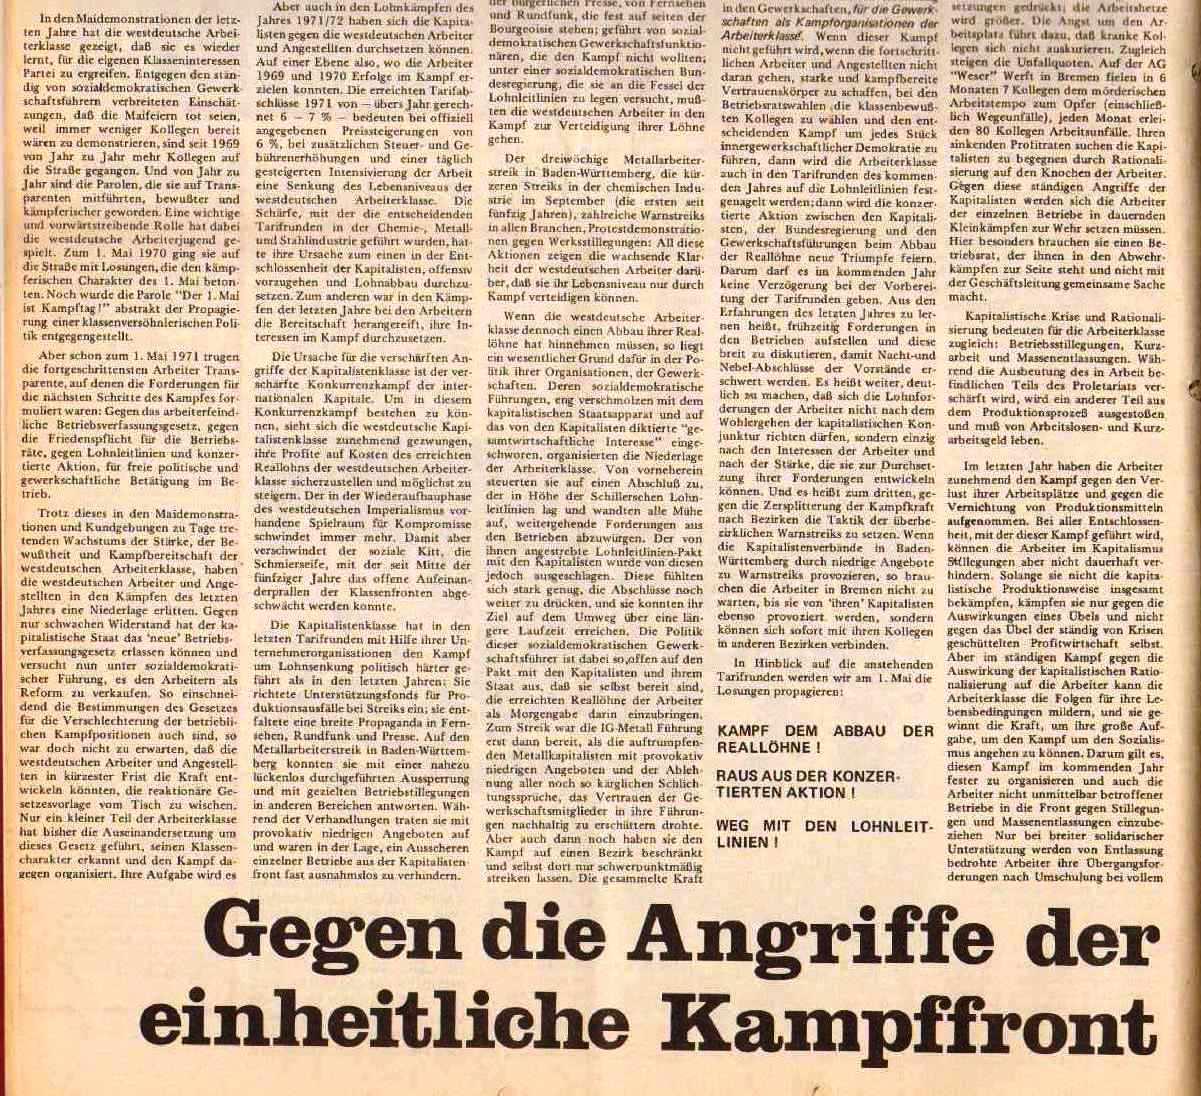 Wahrheit_1972_03_04